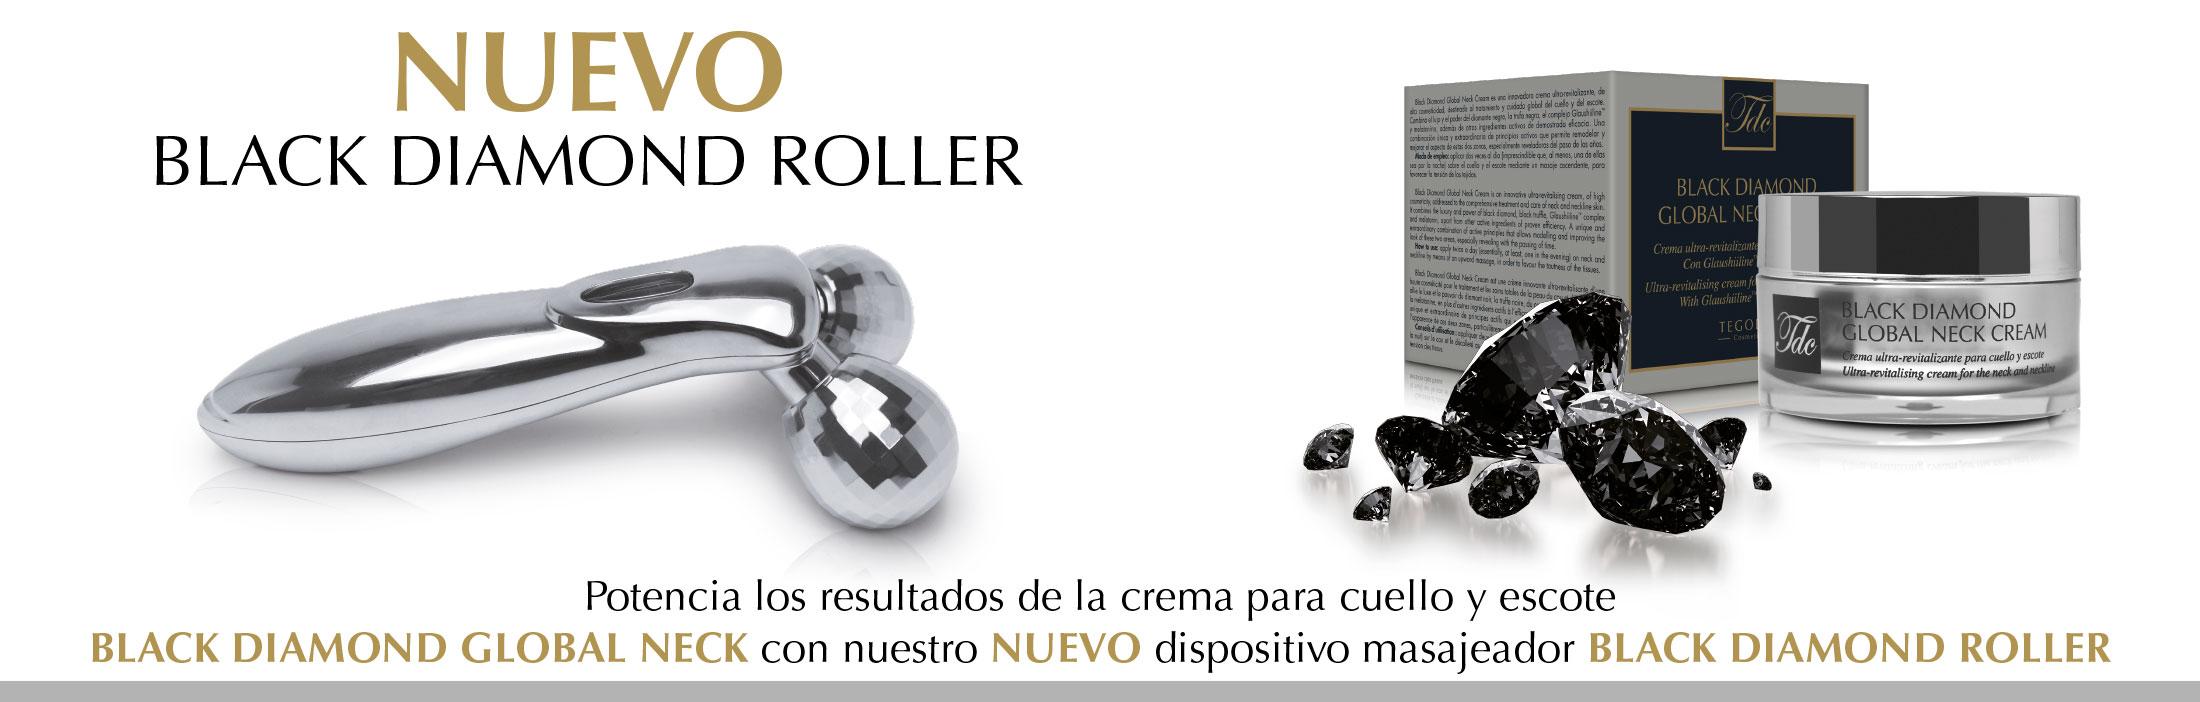 Anuncio nuevo masajeador black diamond roller